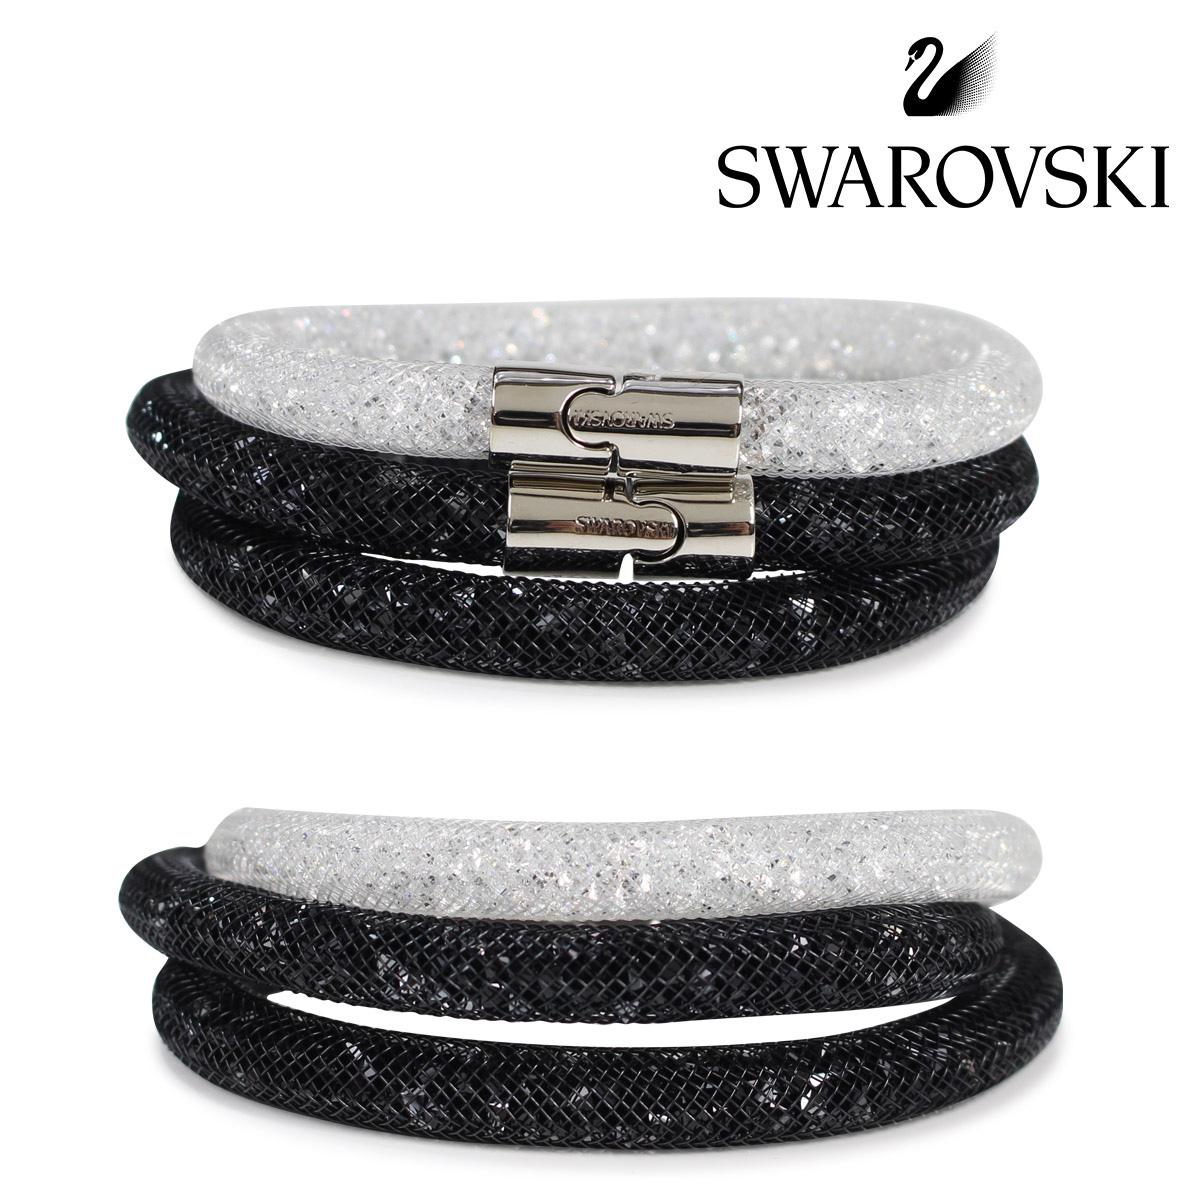 SWAROVSKI スワロフスキー ブレスレット 2本セット レディース STARDUST ブラック ホワイト 5185000 S